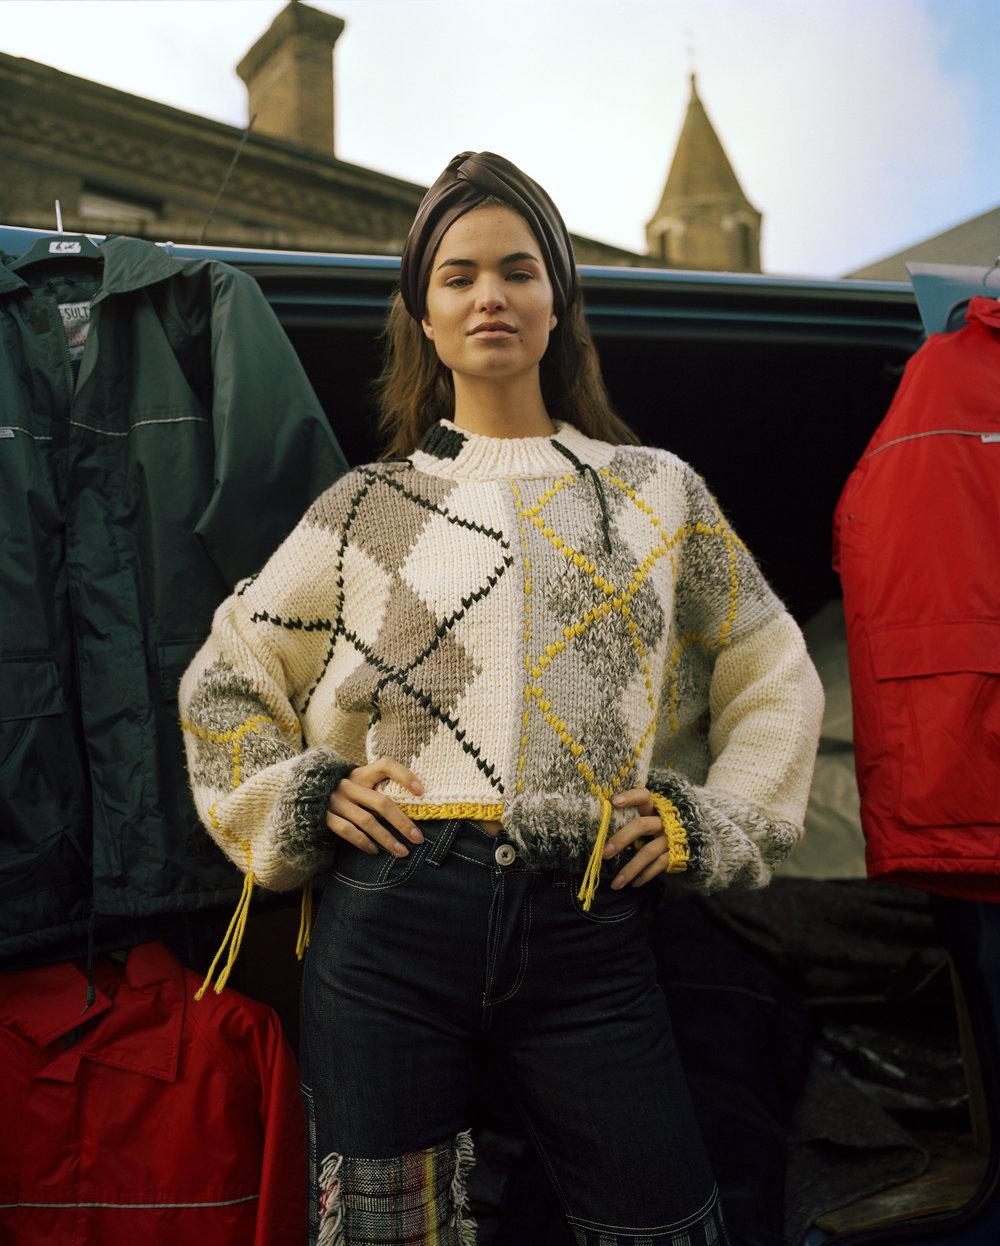 ln465_es_knitwear_082_r1_flatten_150_dpi.jpg